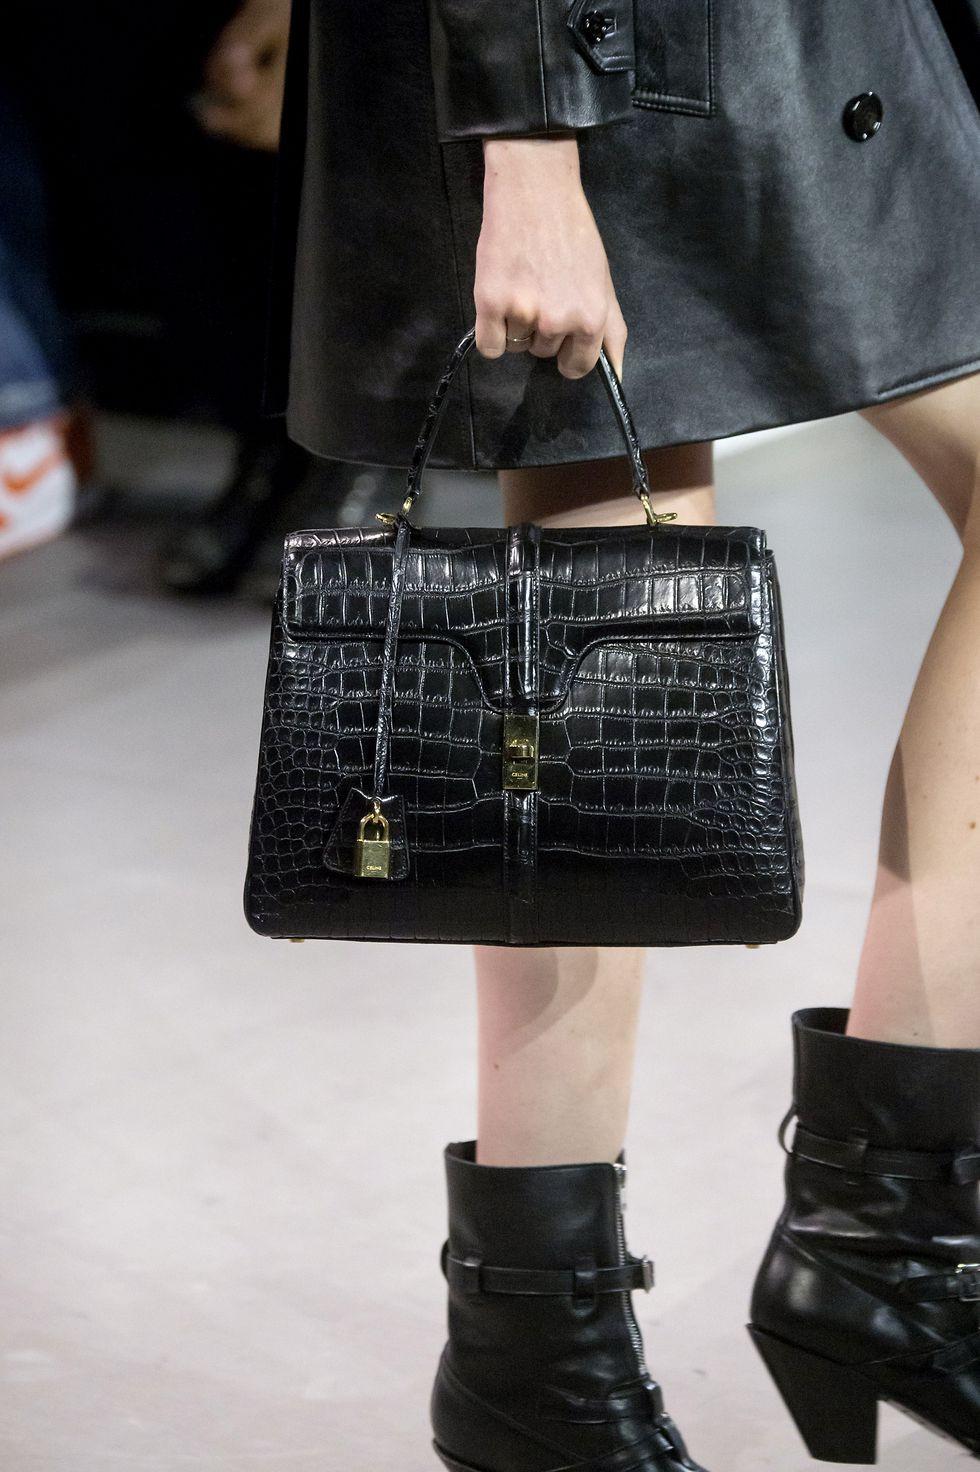 أسبوع الموضة في نيويورك - موضة الحقائب